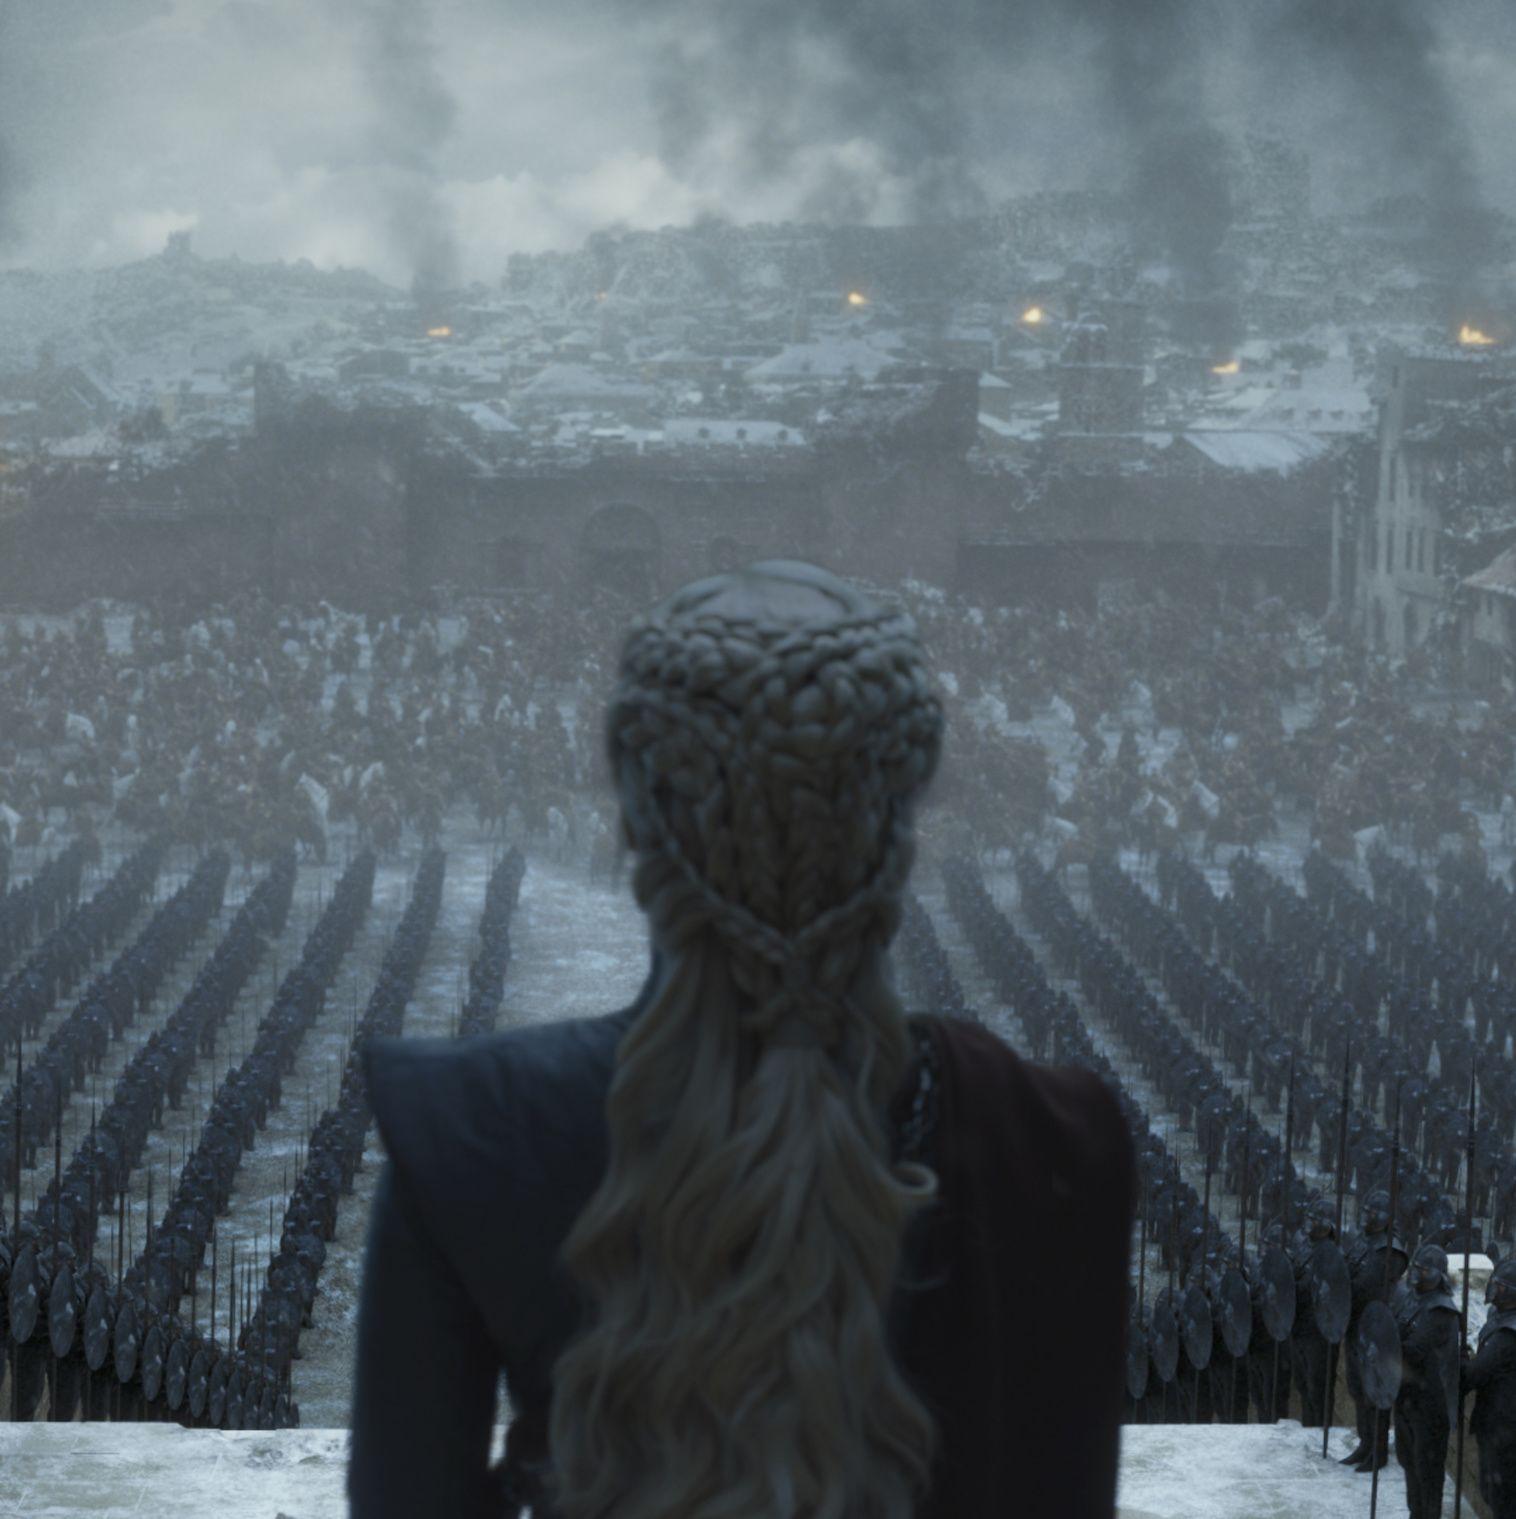 Emilia Clarke stars as Daenerys Targaryen in a scene from Game of Thrones's series finale